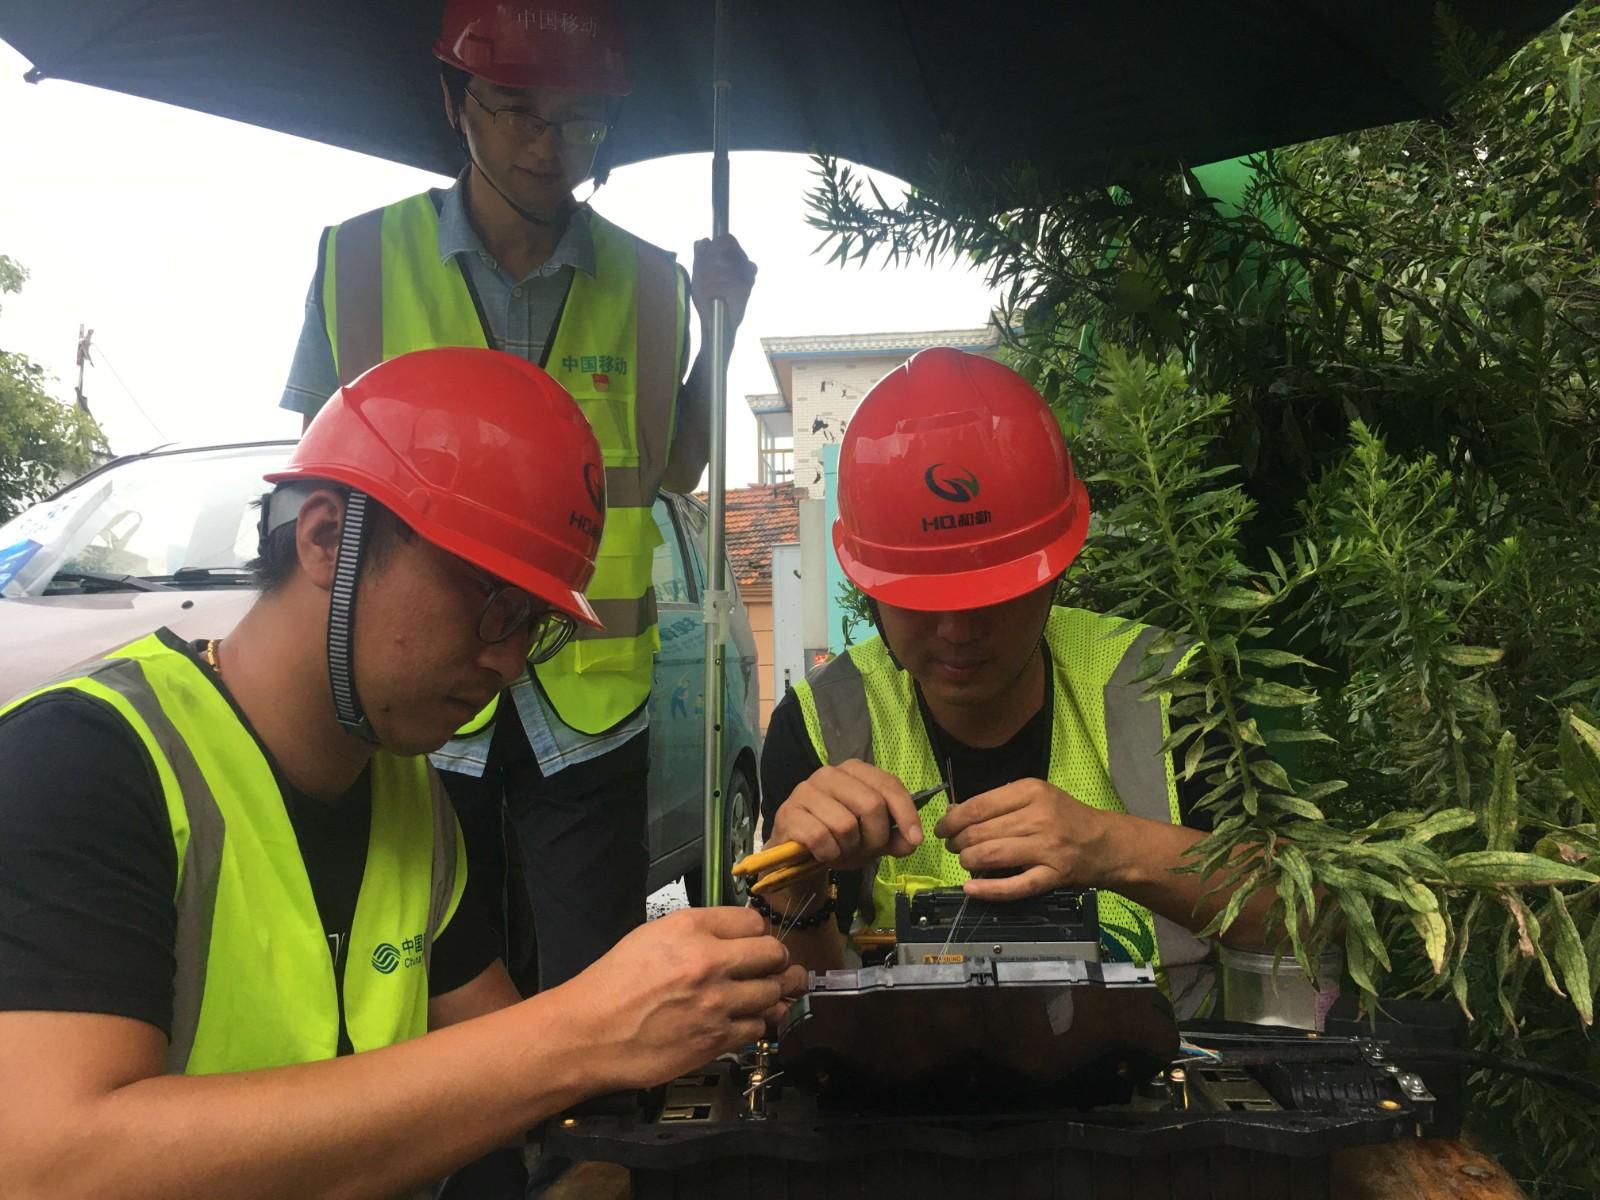 091415145178_1南通-黄江徽带领队员应急光缆熔纤-2021年9月.jpg